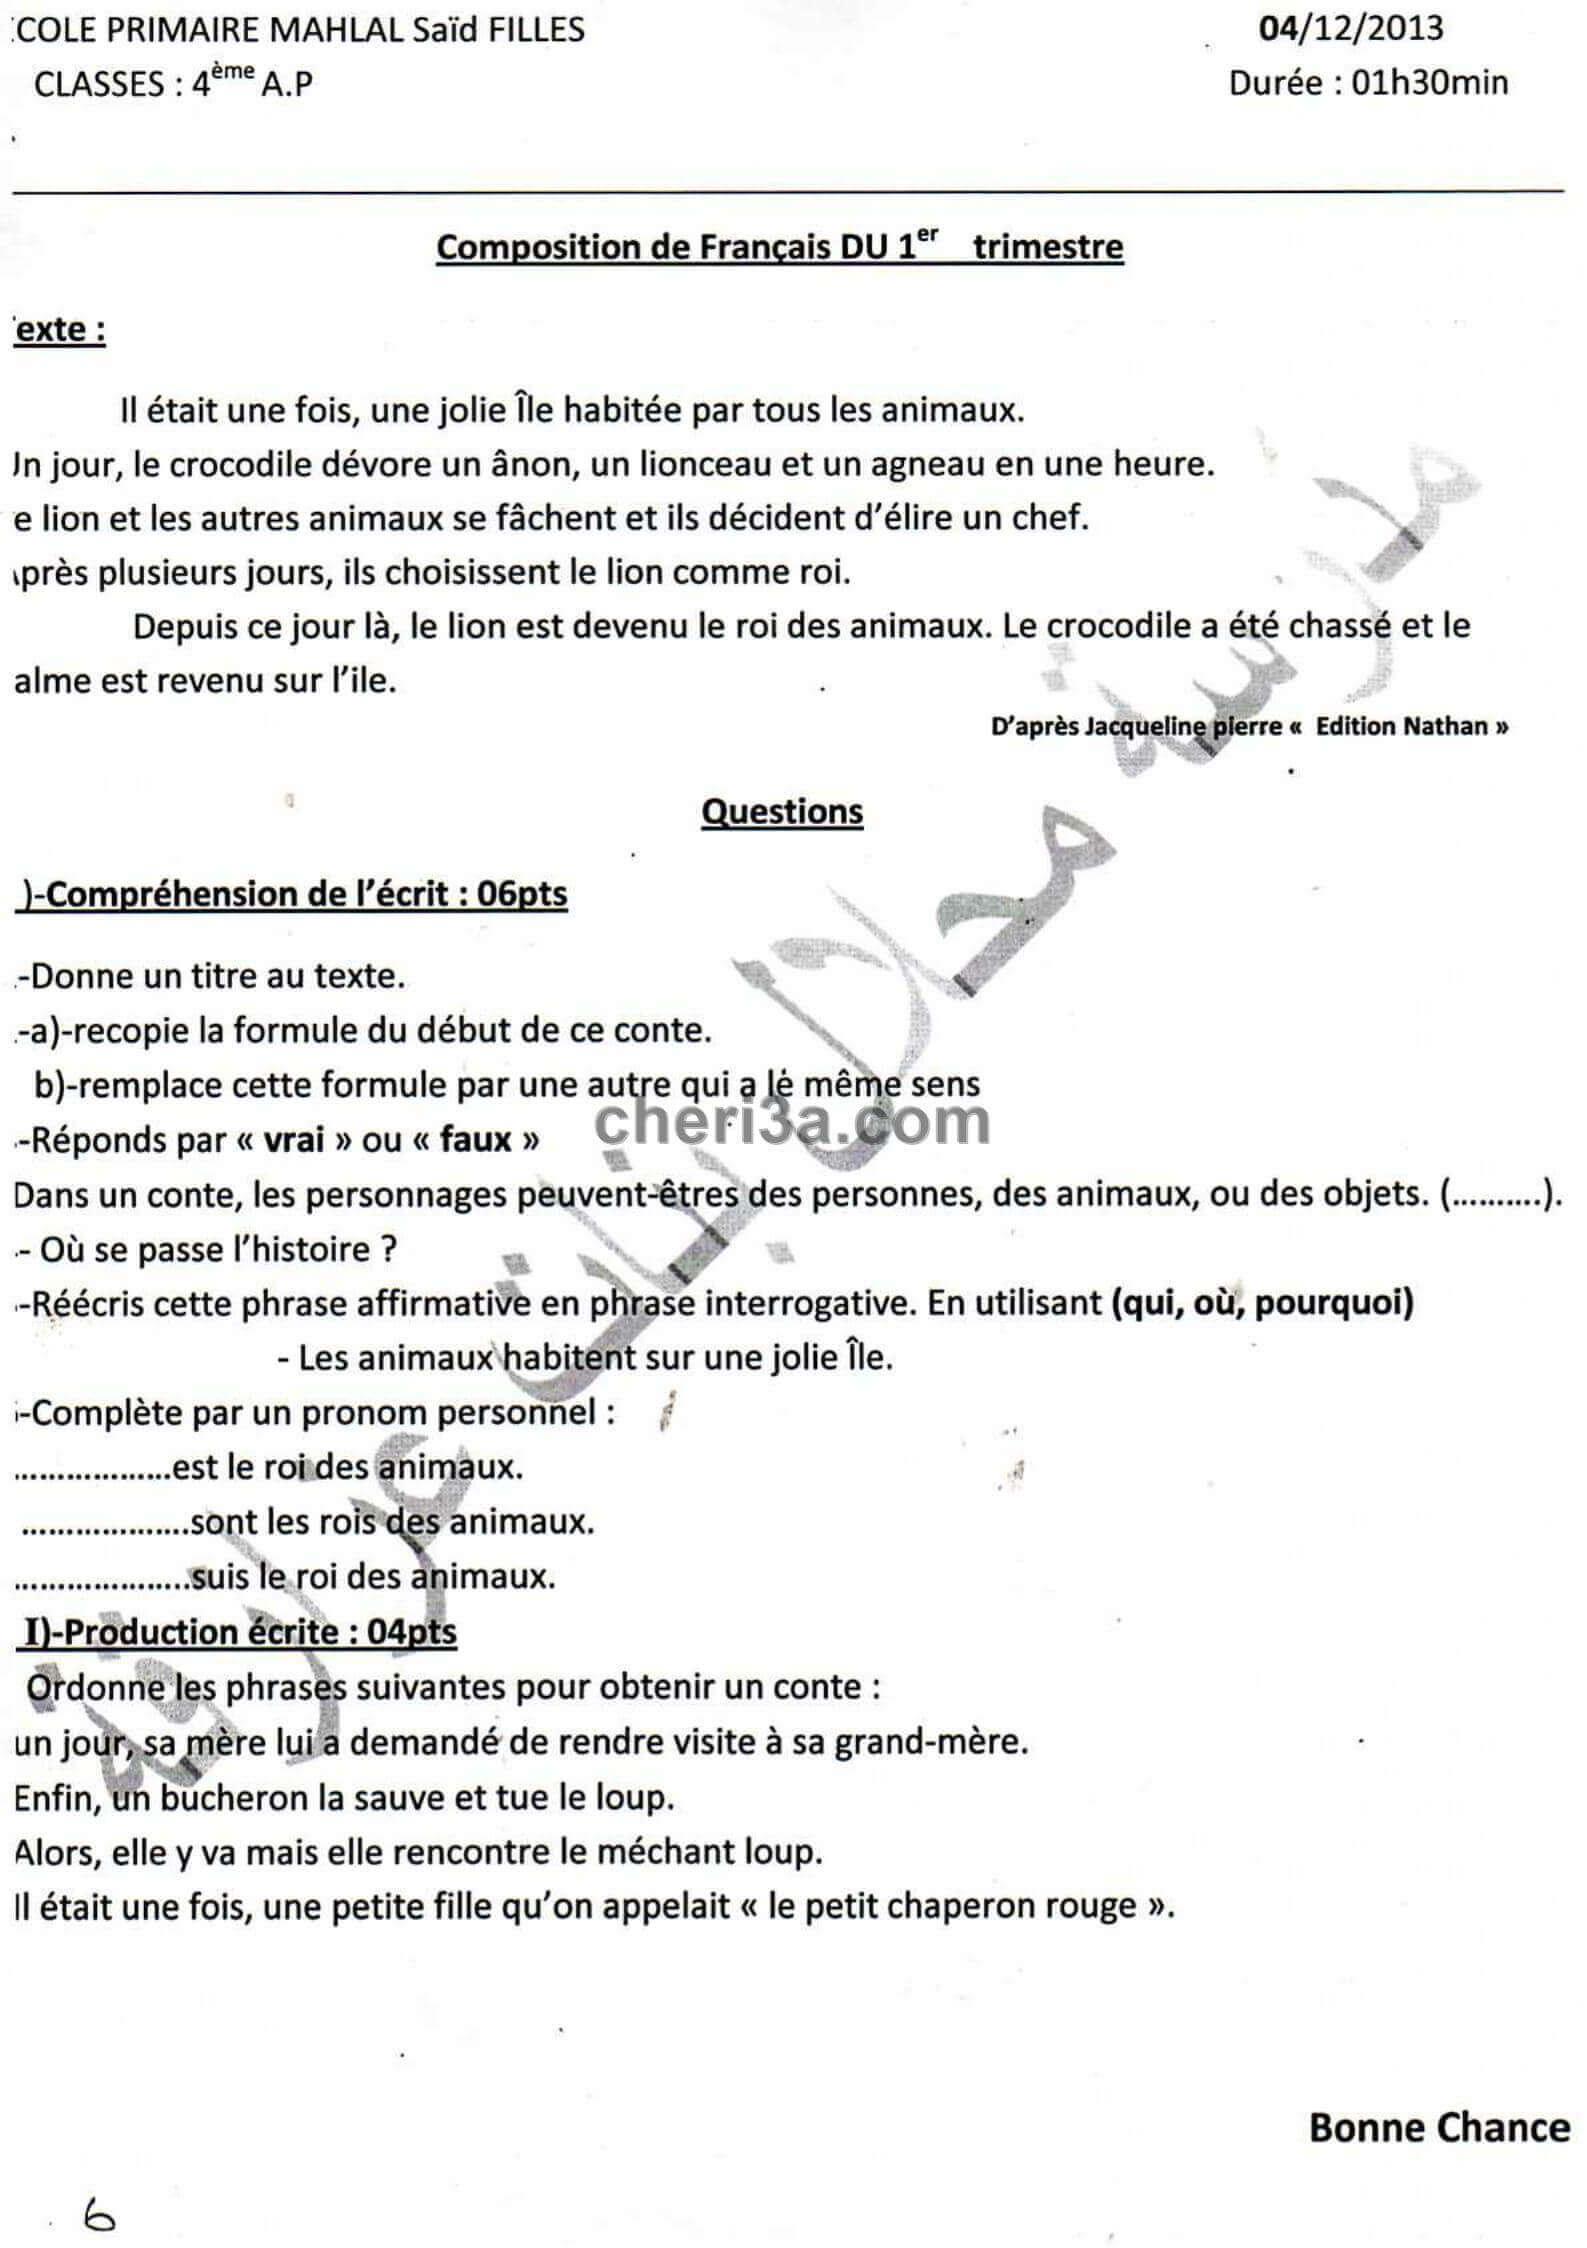 اختبار الفصل الاول للسنة الرابعة ابتدائي في الفرنسية النموذج 3 Cheri3a.com-8-1-6